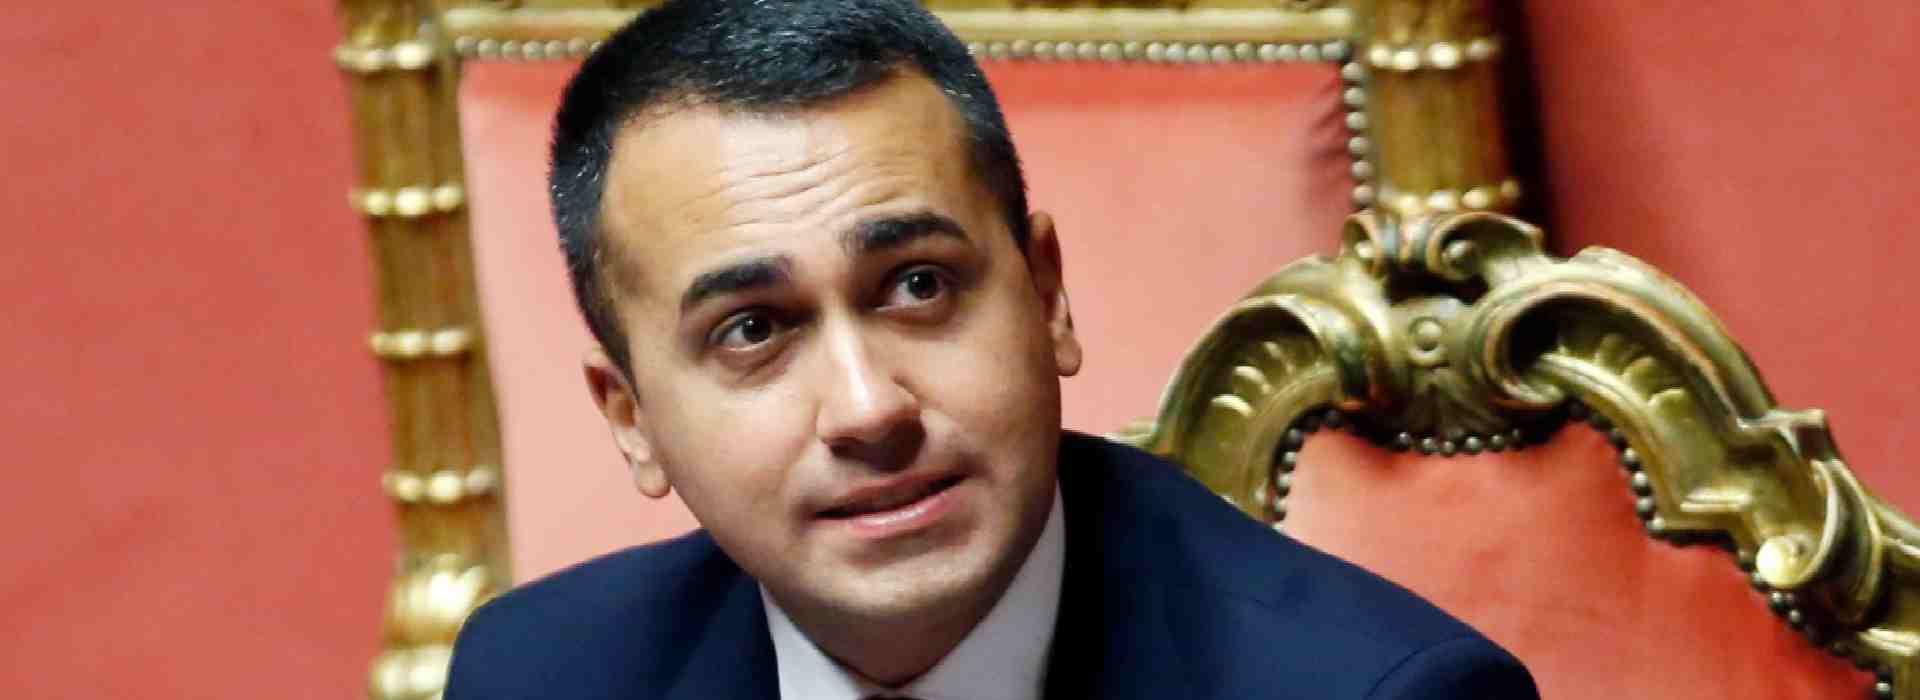 Se Di Maio ha negato la scorta a Luca Attanasio perché non si dimette?